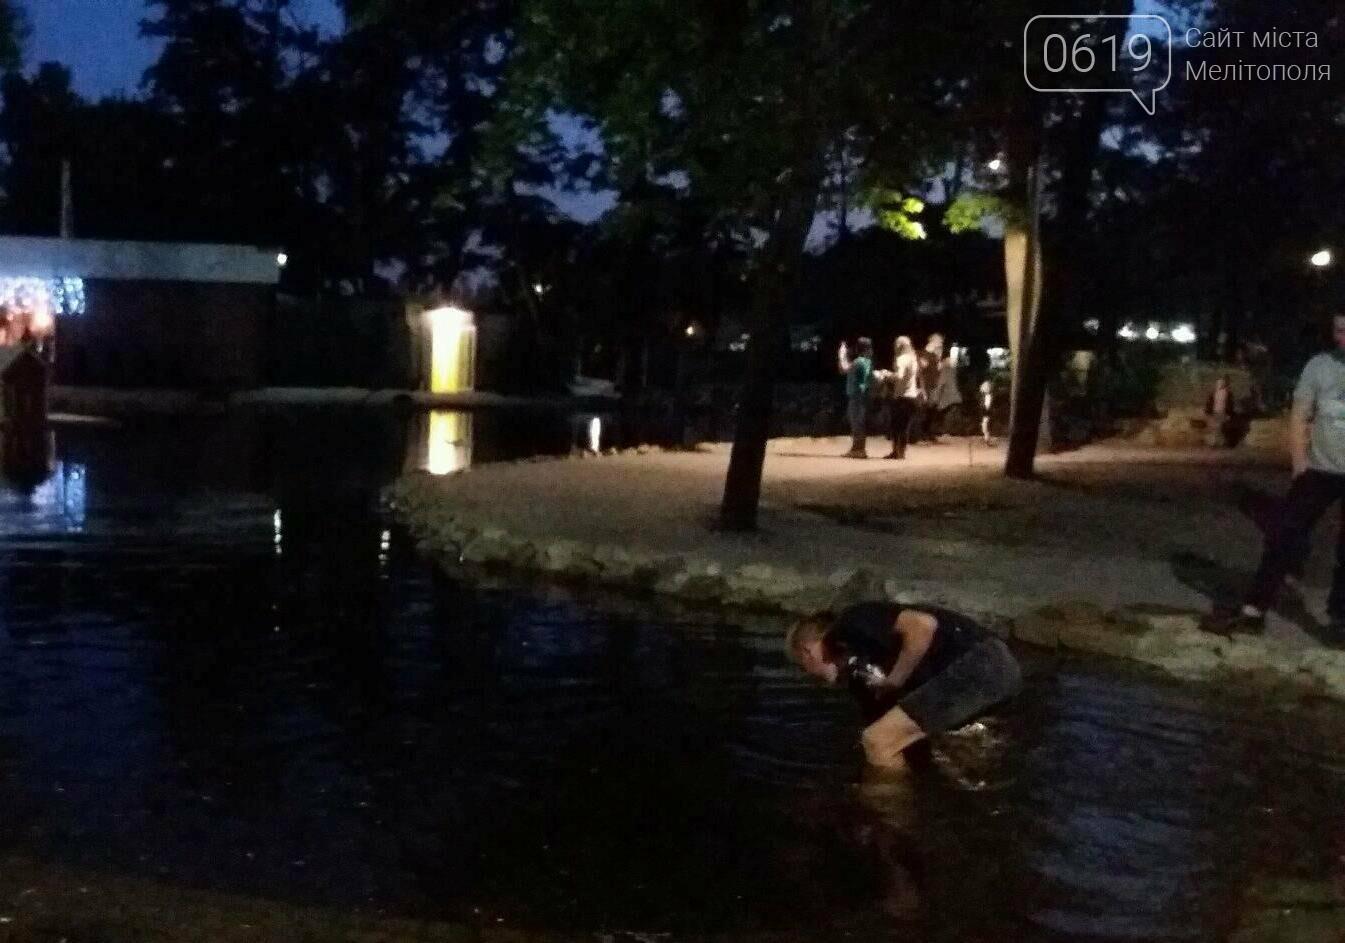 В Мелитополе подростки залезли в пруд ради денег, фото-2, Фото сайта 0619